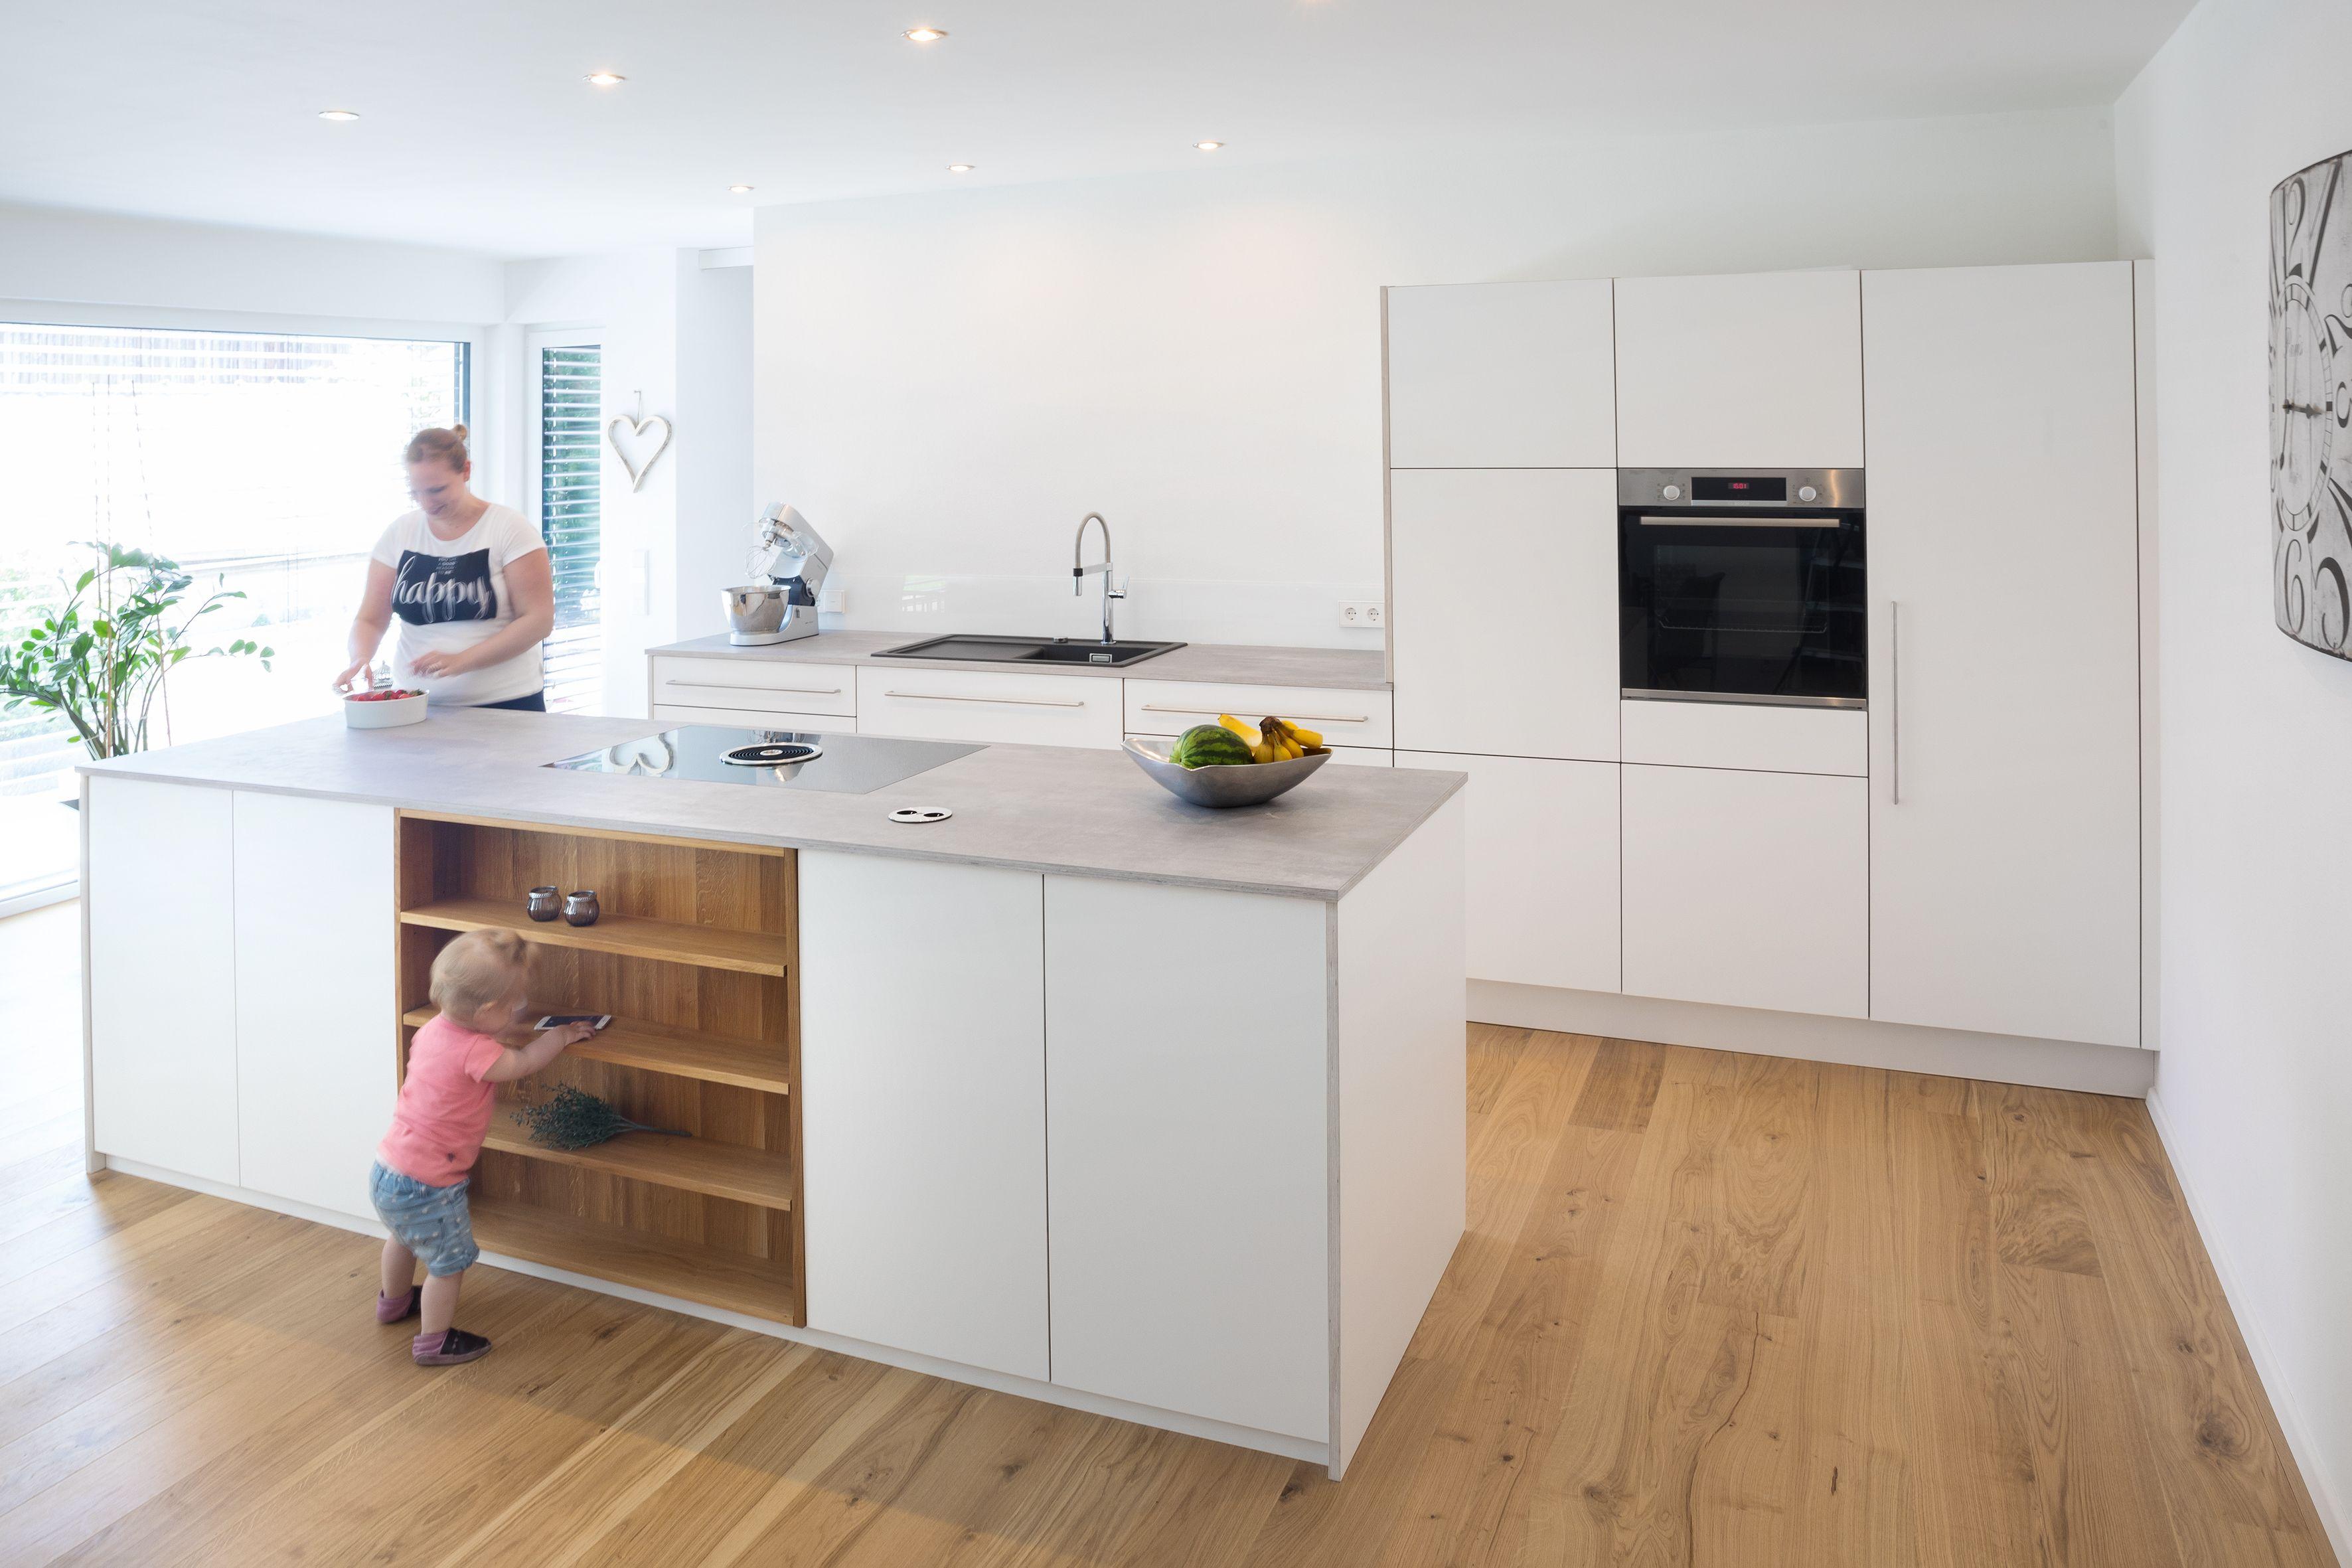 Kuchenblock Design Modernes Wohnen Massgefertigt Schreinerkuche Minimalistisch In 2020 Kuche Block Haus Kuchen Kuche Planen